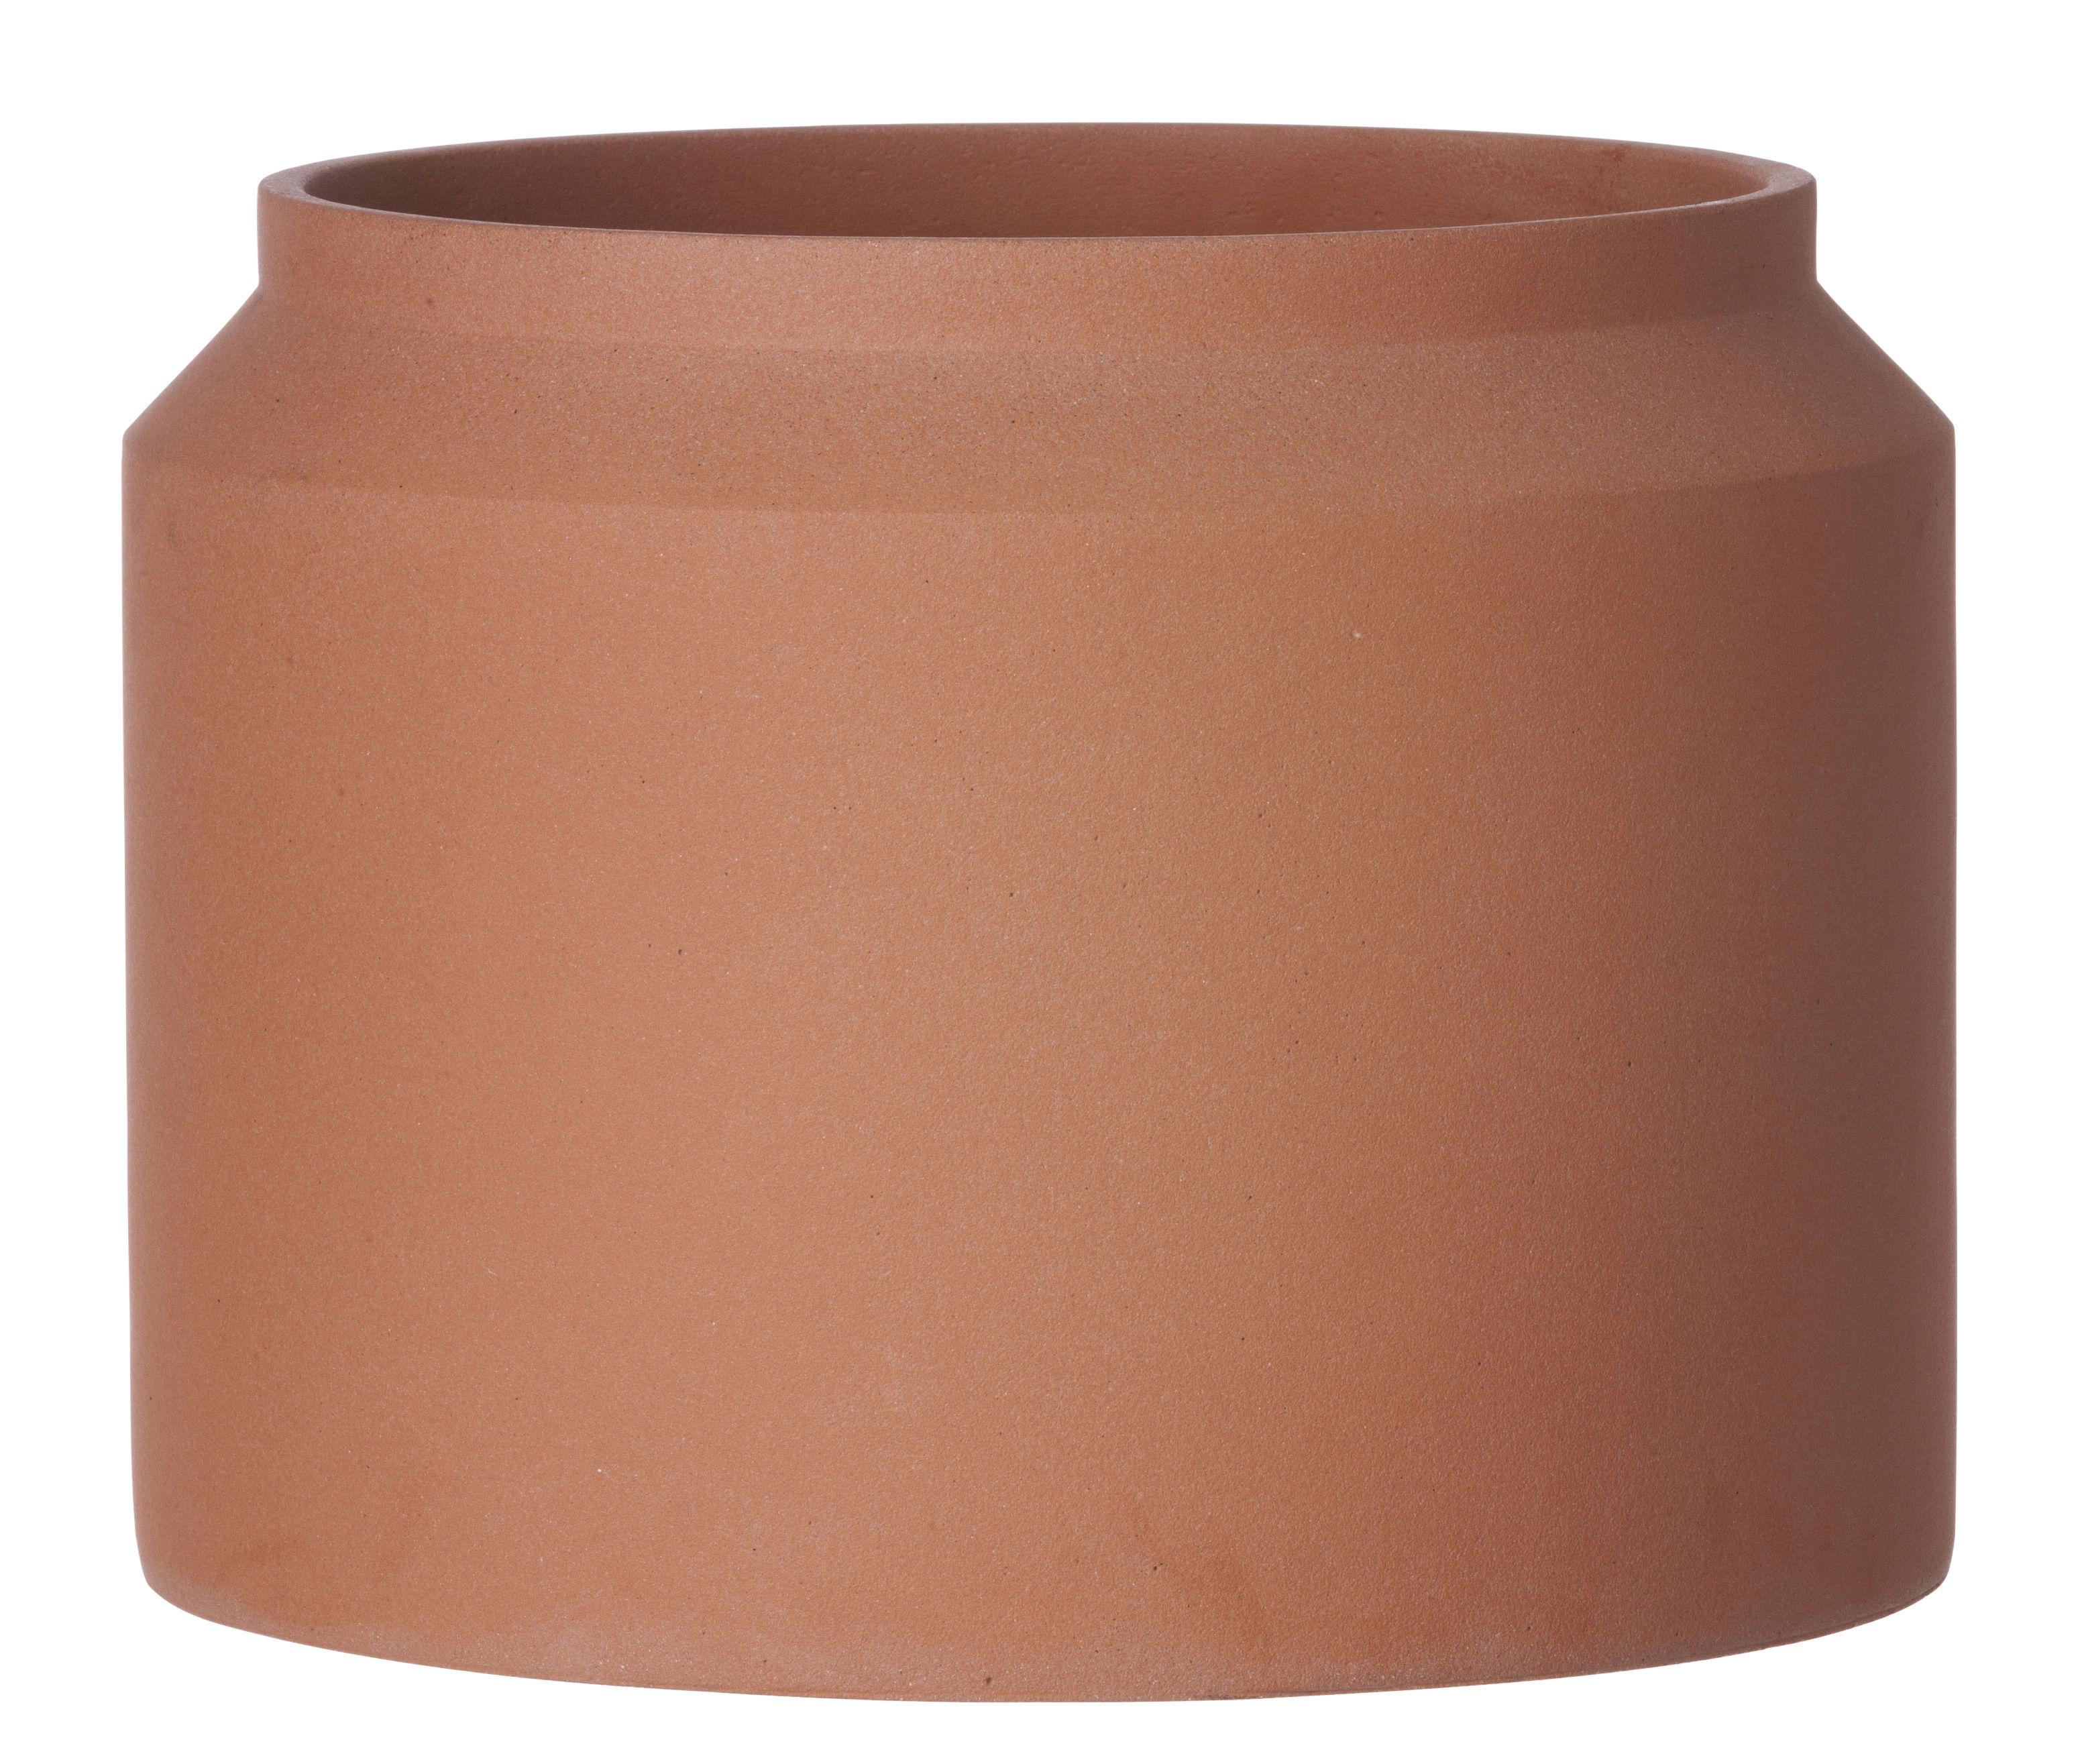 Outdoor - Pots & Plants - Contenant Large Flowerpot - Ø 32 x H 25 cm by Ferm Living - Terracotta - Concrete